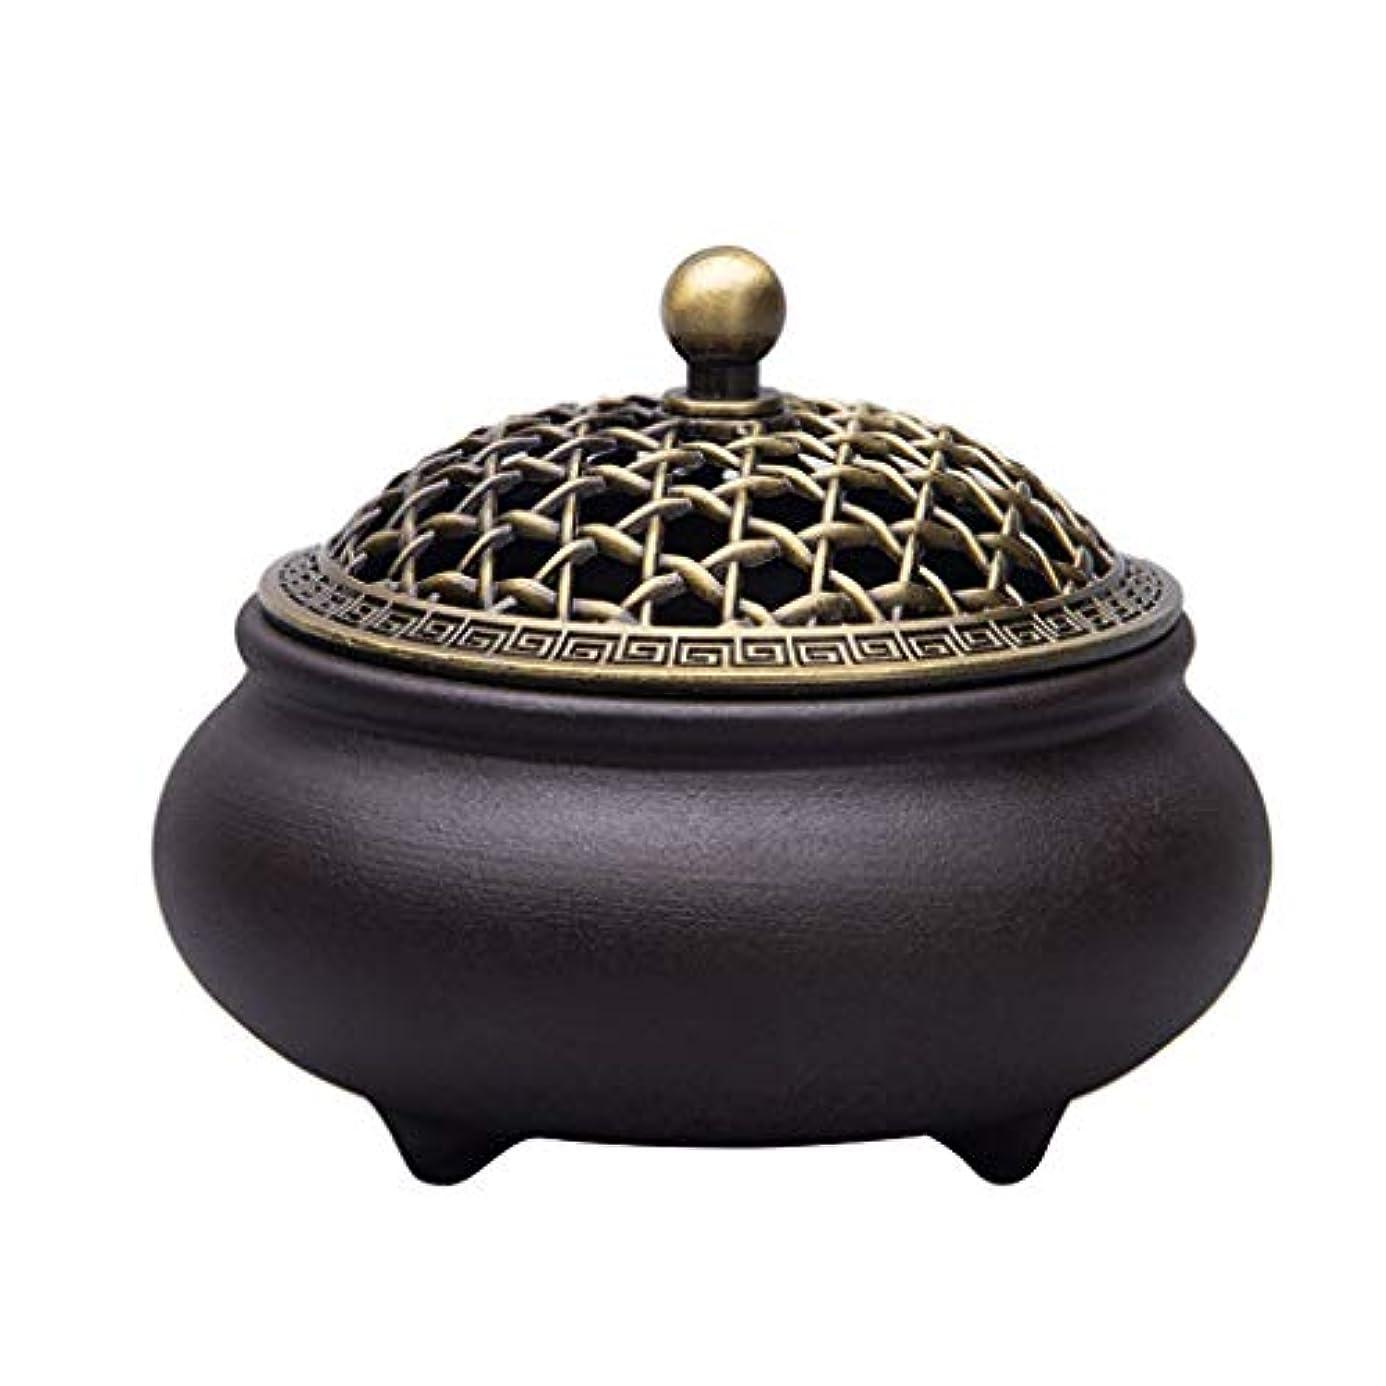 ジュースバリケードオーラル芳香器?アロマバーナー セラミック香炉3本足アロマテラピー炉ホームインテリア装飾品 アロマバーナー芳香器 (Color : A)